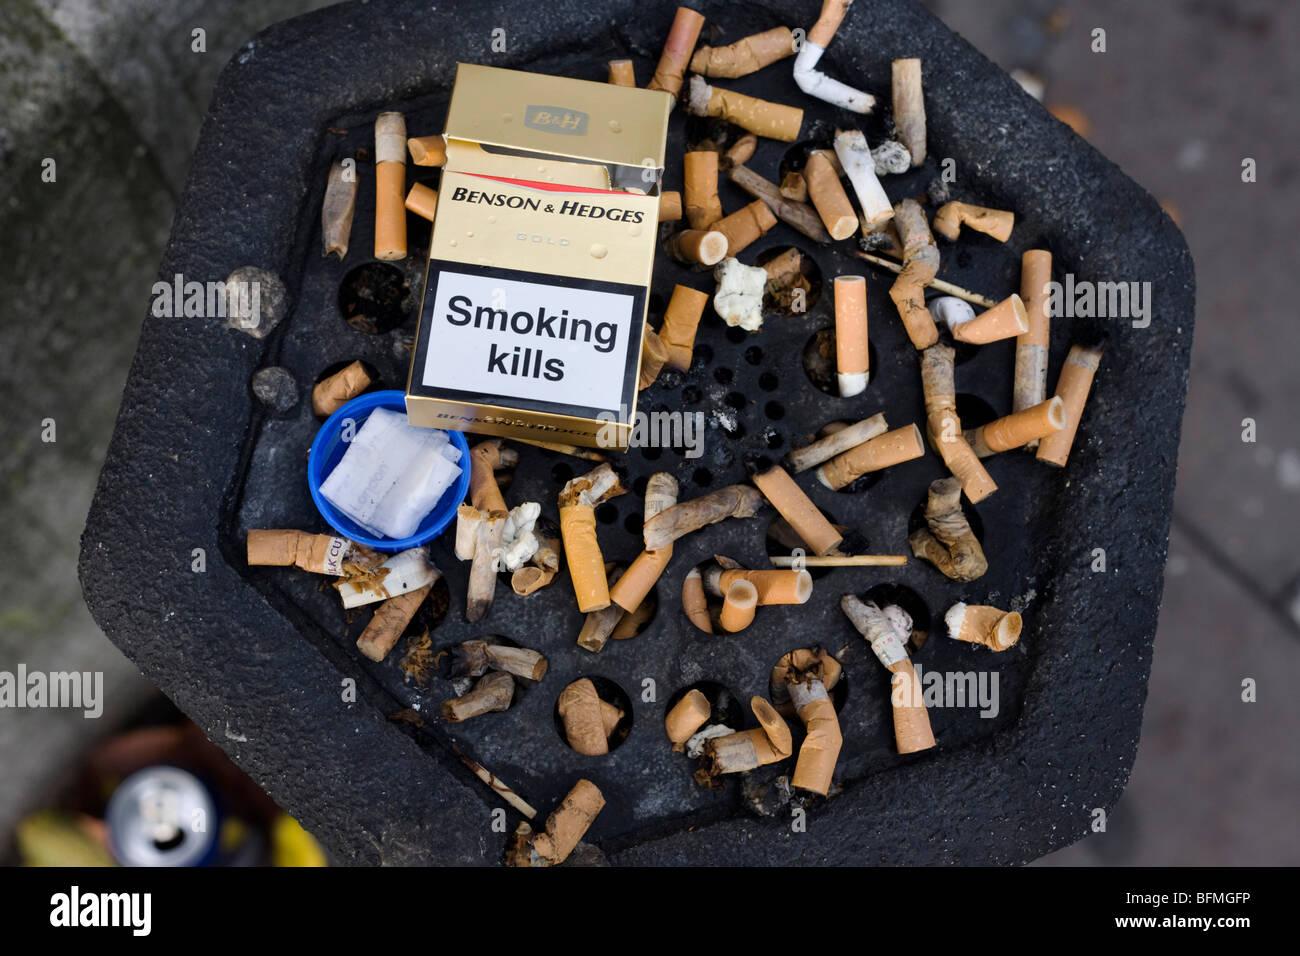 Cigarettes Marlboro compared to cigarettes